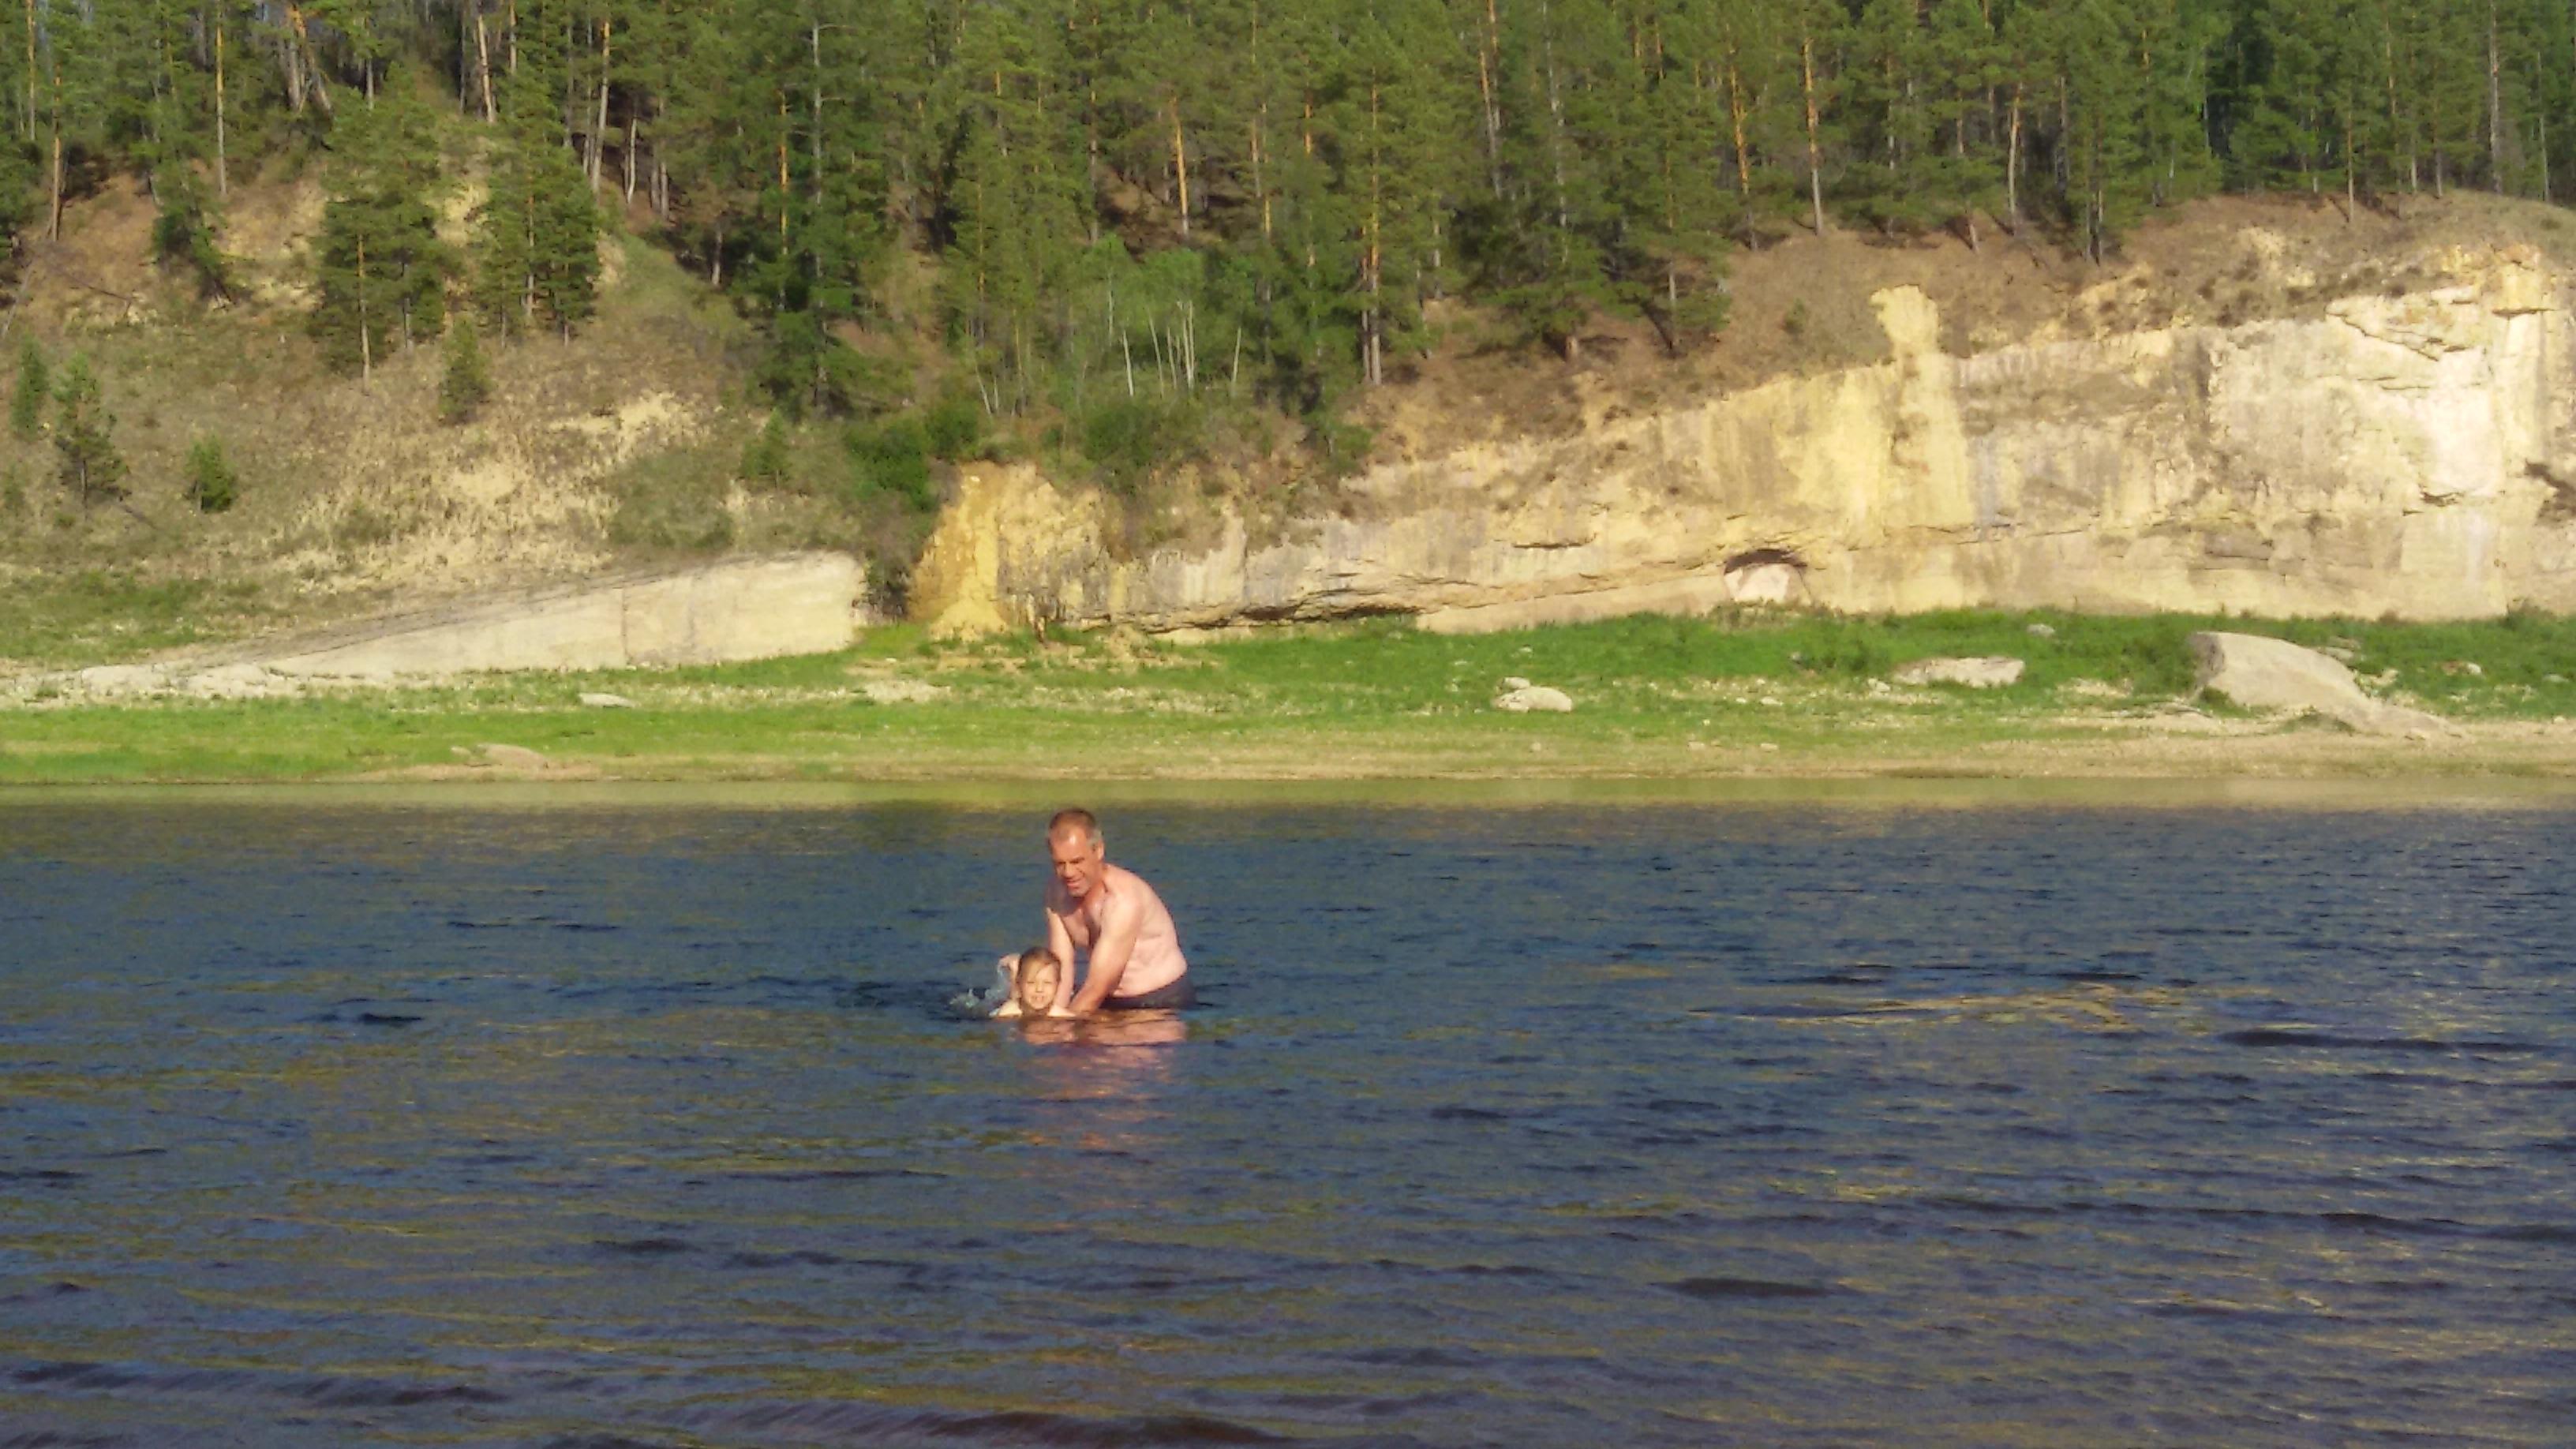 +40 в тени. Якутия, река Амга. Лето 2017 на Севере. Привет из отпуска!